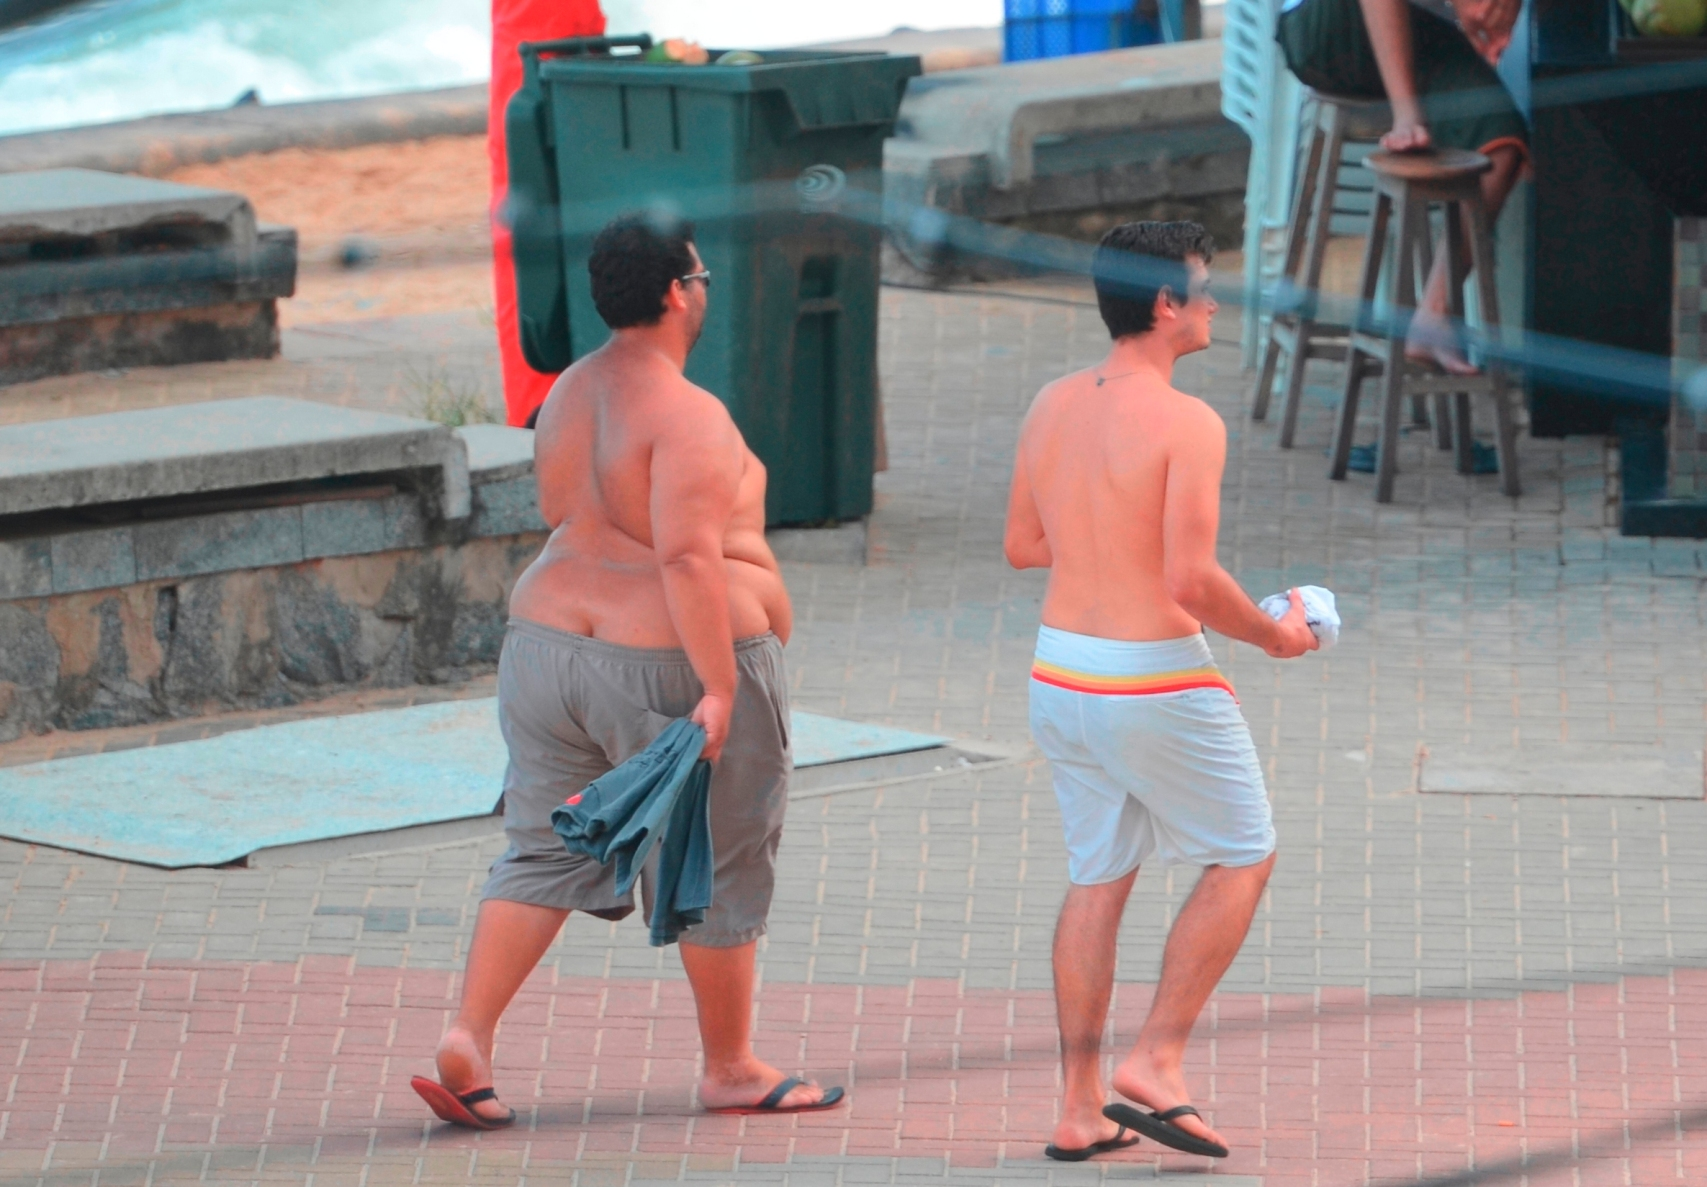 Nå er også brasilianere blitt overvektige